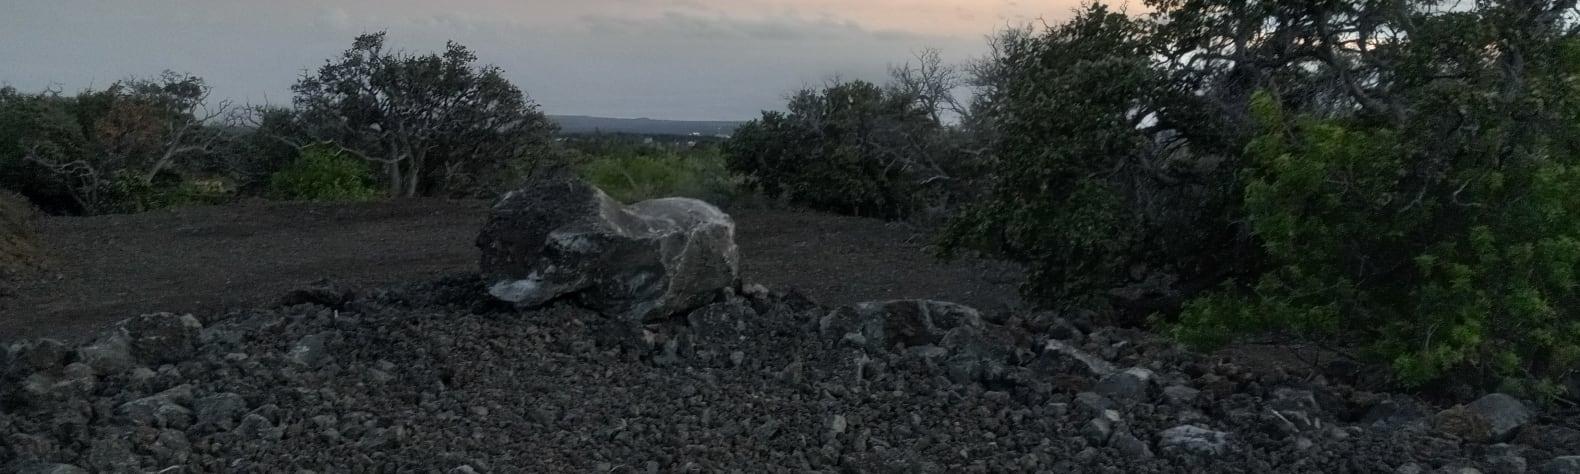 Aubrey H.'s Land